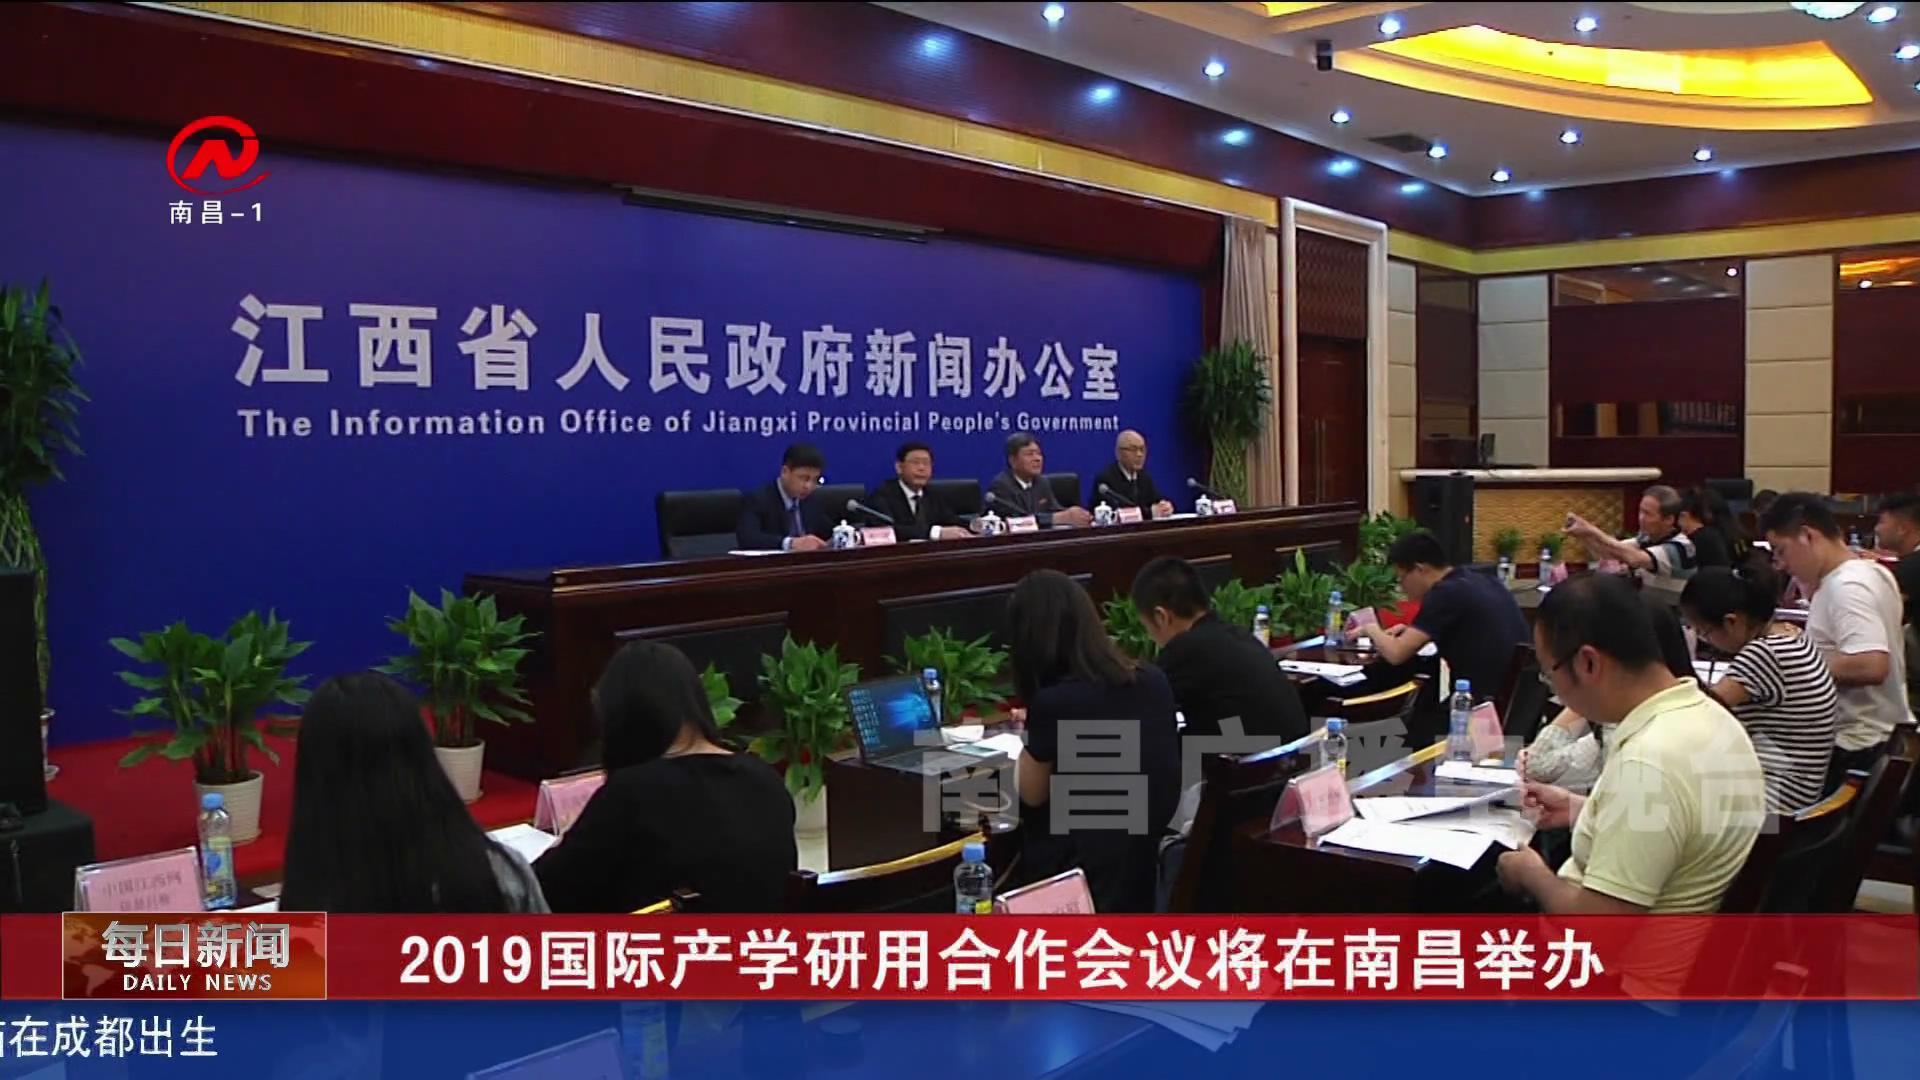 2019國際產學研用合作會議將在南昌舉辦